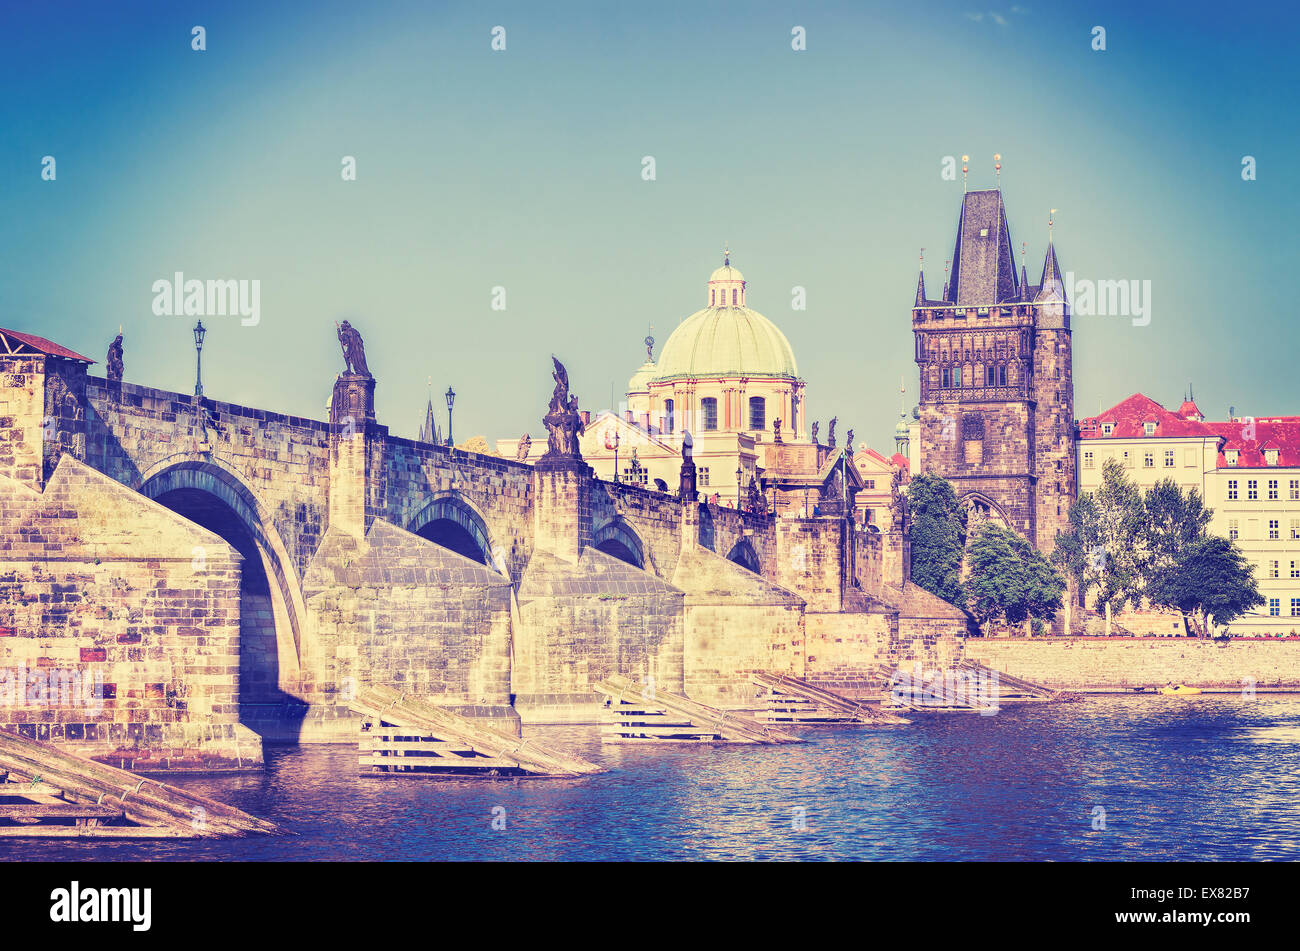 Retrò instagram immagine stilizzata di Praga - il ponte Charles e il fiume Moldava. Immagini Stock